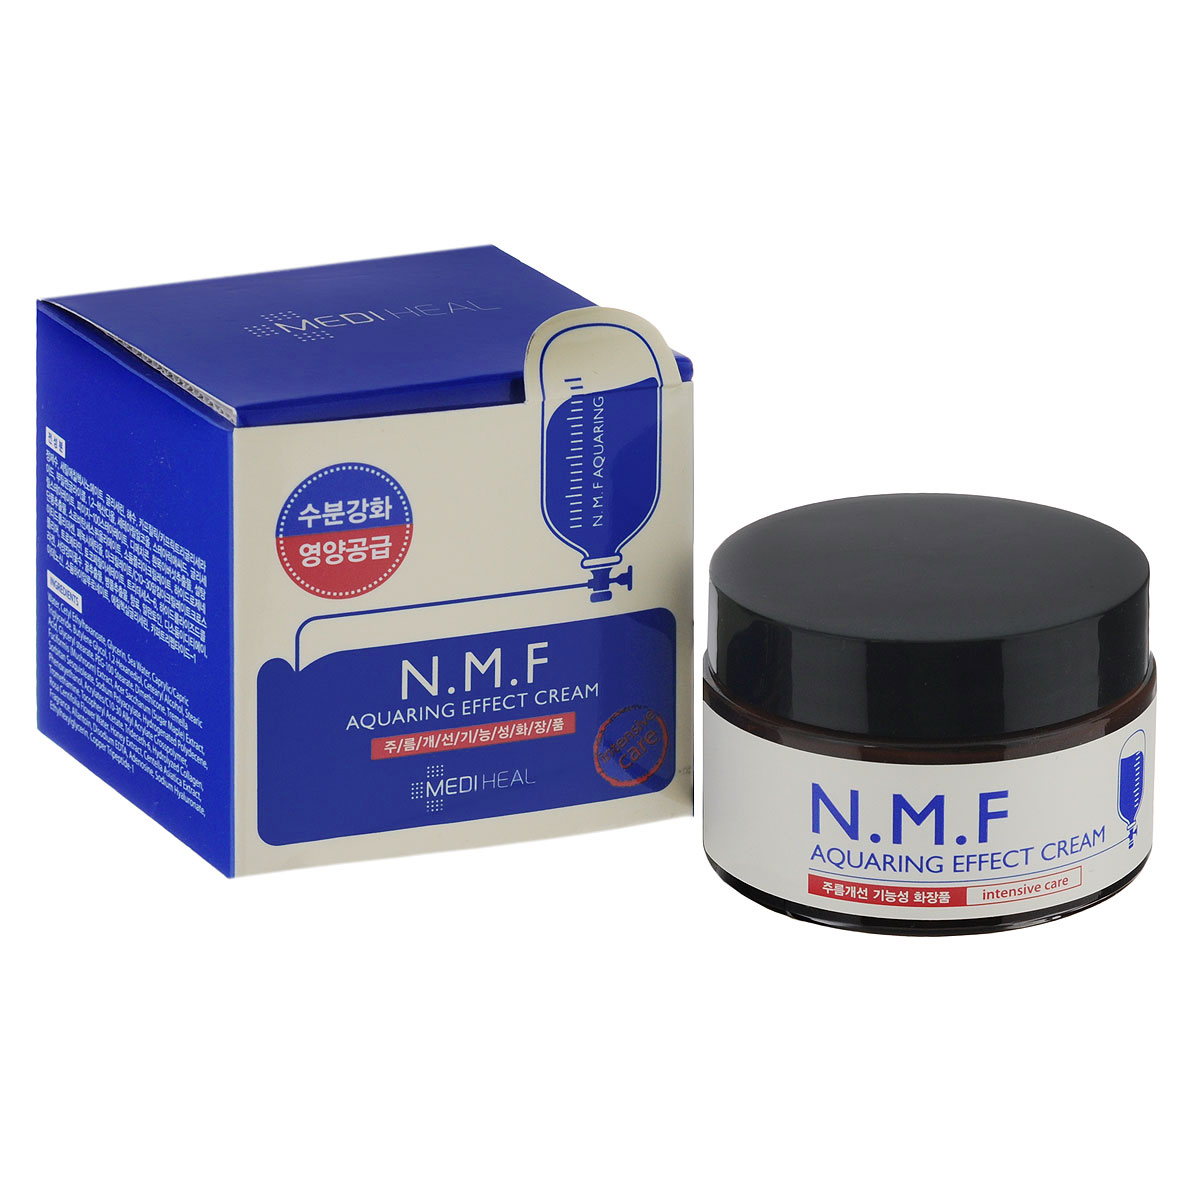 Beauty Clinic Крем для лица Aquaring Effect, с N.M.F., увлажняющий, 45 мл555869Крем Aquaring Effect содержит N.M.F. и другие увлажняющие и подтягивающие компоненты, такие как глубинная морская вода, гиалуроновая кислота, экстракты древесного гриба, сахарного клена, меда, центеллы азиатской. Крем интенсивно увлажняет, подтягивает и питает кожу, придает ей свежий вид. Способствует разглаживанию морщин. NMF (натуральный увлажняющий фактор) - это сложный комплекс молекул в роговом слое кожи, который способен притягивать и удерживать влагу, обеспечивать упругость и плотность рогового слоя кожи. В состав NMF входят низкомолекулярные пептиды, карбамид, пирролидонкарбоновая кислота, аминокислоты и т. д. При недостаточности увлажняющего фактора происходит обезвоживание эпидермиса.Глубинная морская вода содержит большое количество питательных веществ и 70 видов минералов, которые активно увлажняют кожу, придают ей здоровый вид, делают цвет кожи более естественным, выравнивают ее тон.Экстракт клена сахарного ускоряет процесс обновления клеток, устраняет омертвевшие клетки эпидермиса и делает кожу более гладкой и свежей. Товар сертифицирован.